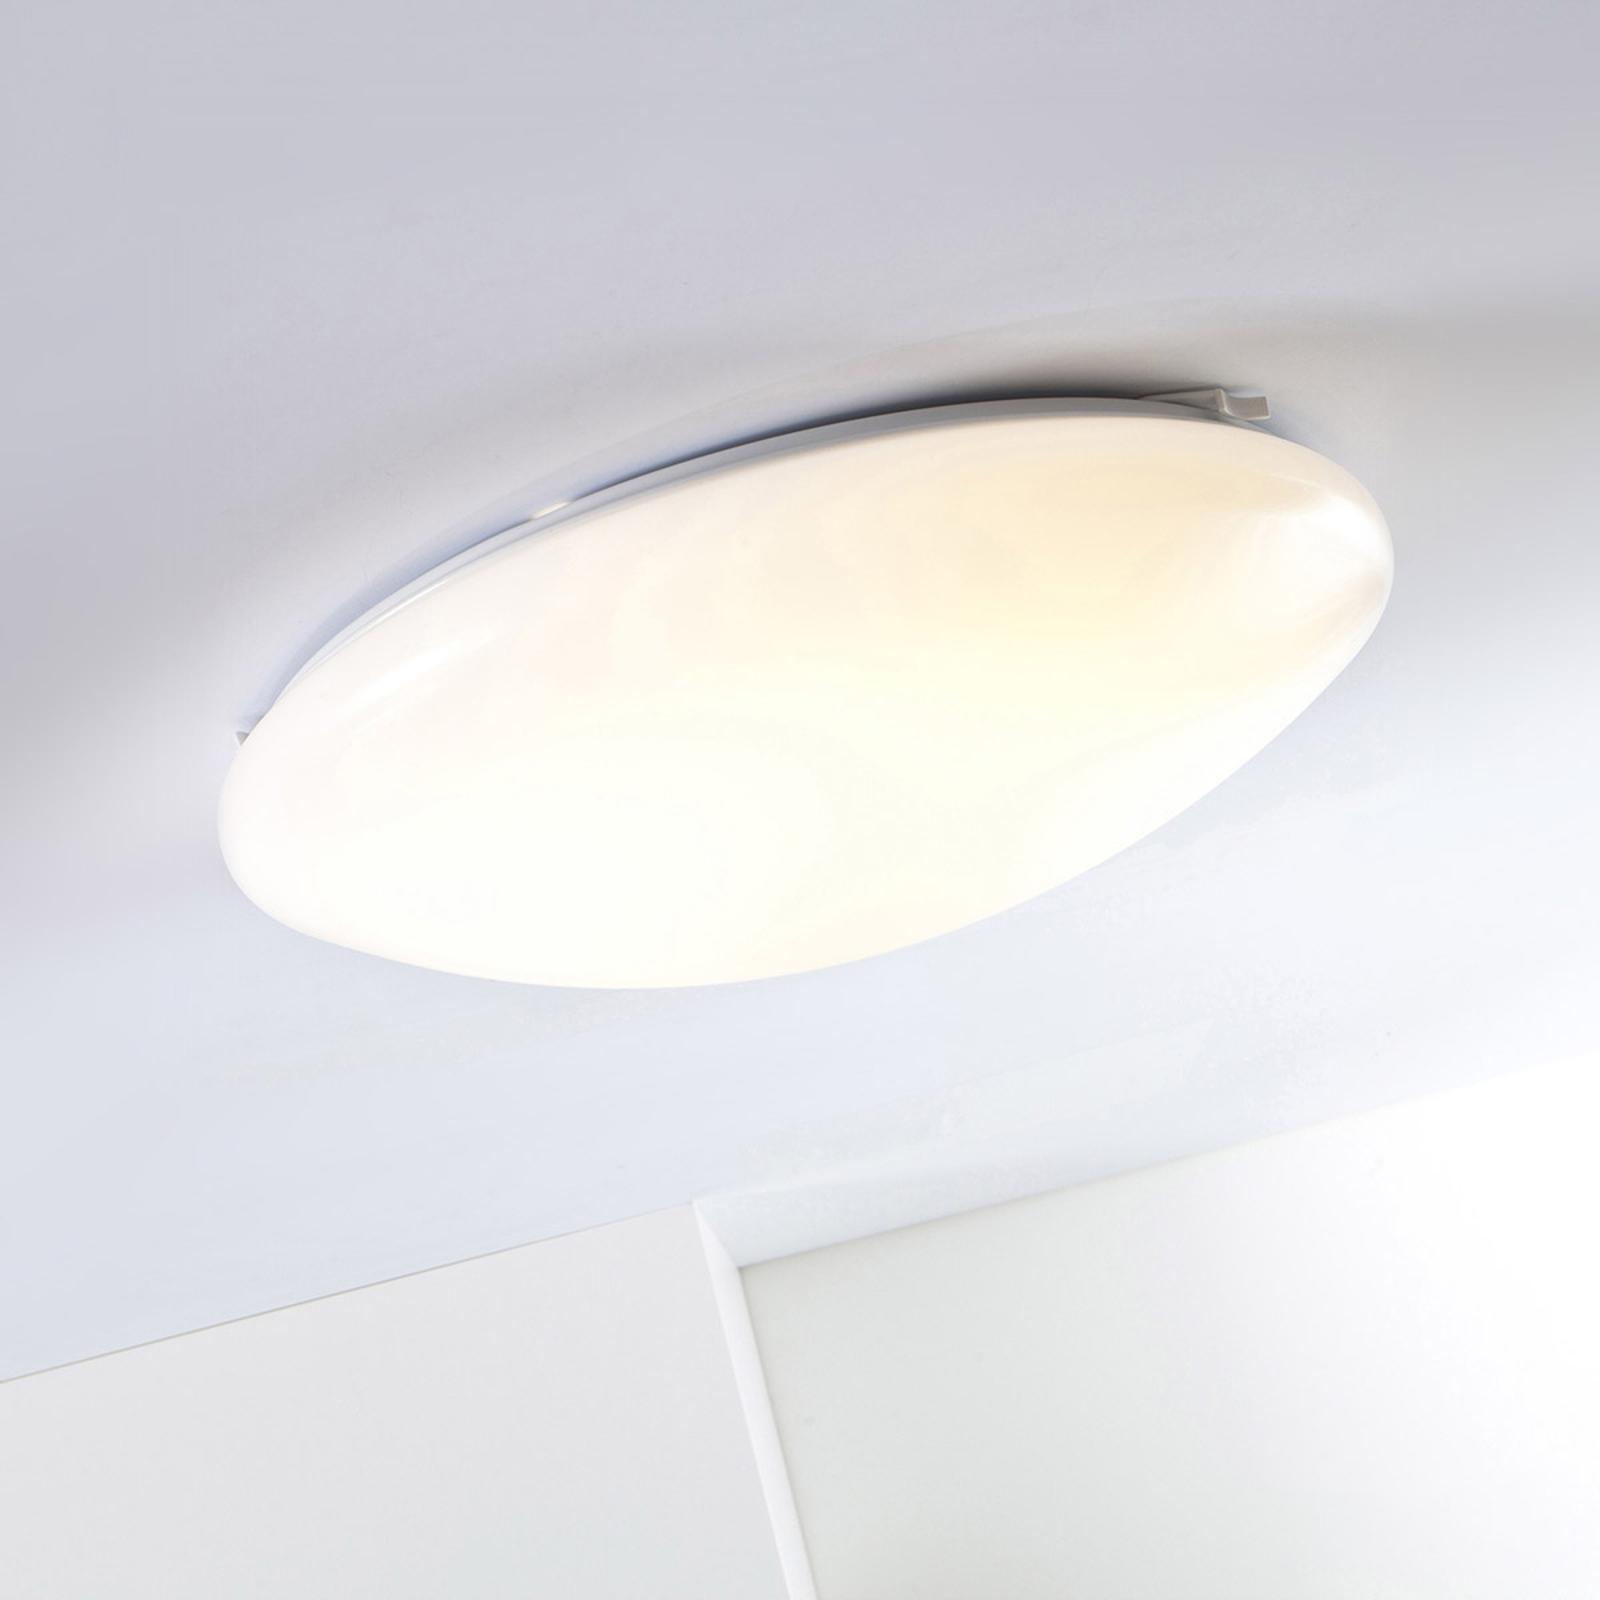 LED Basic round ceiling light by AEG, 14W_3057001_1